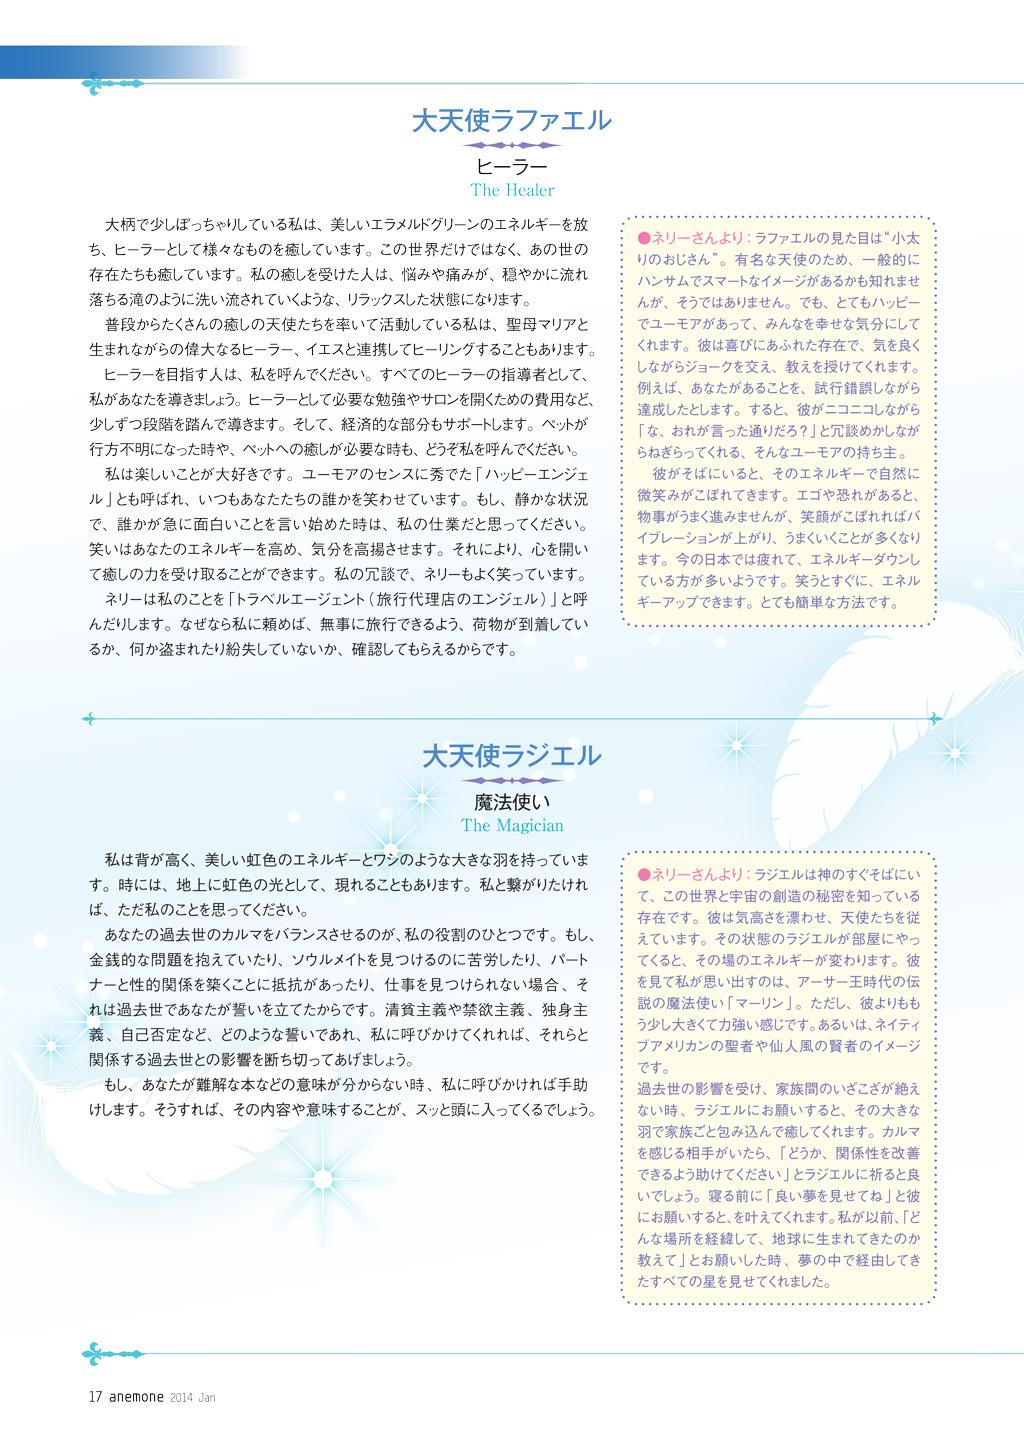 Anemon-Jan-2014-page10